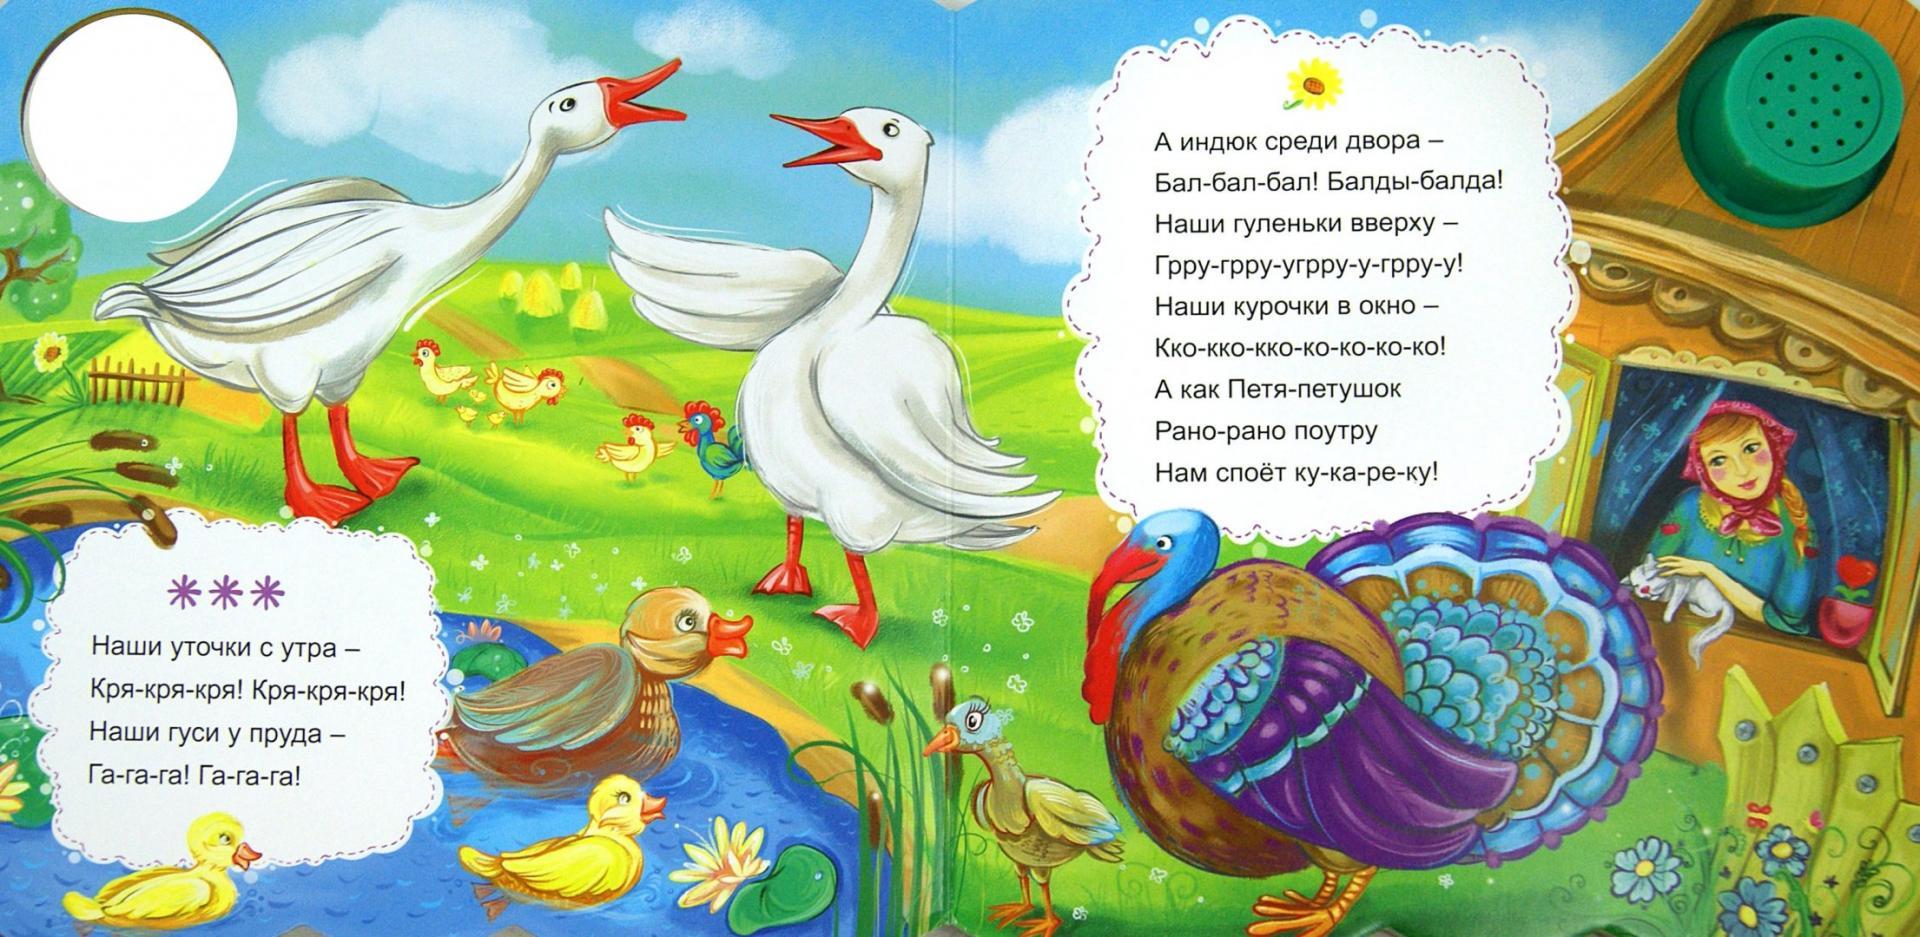 Иллюстрация 1 из 8 для Шутки-прибаутки. Музыкальная книжка - Елена Мирная   Лабиринт - игрушки. Источник: Лабиринт